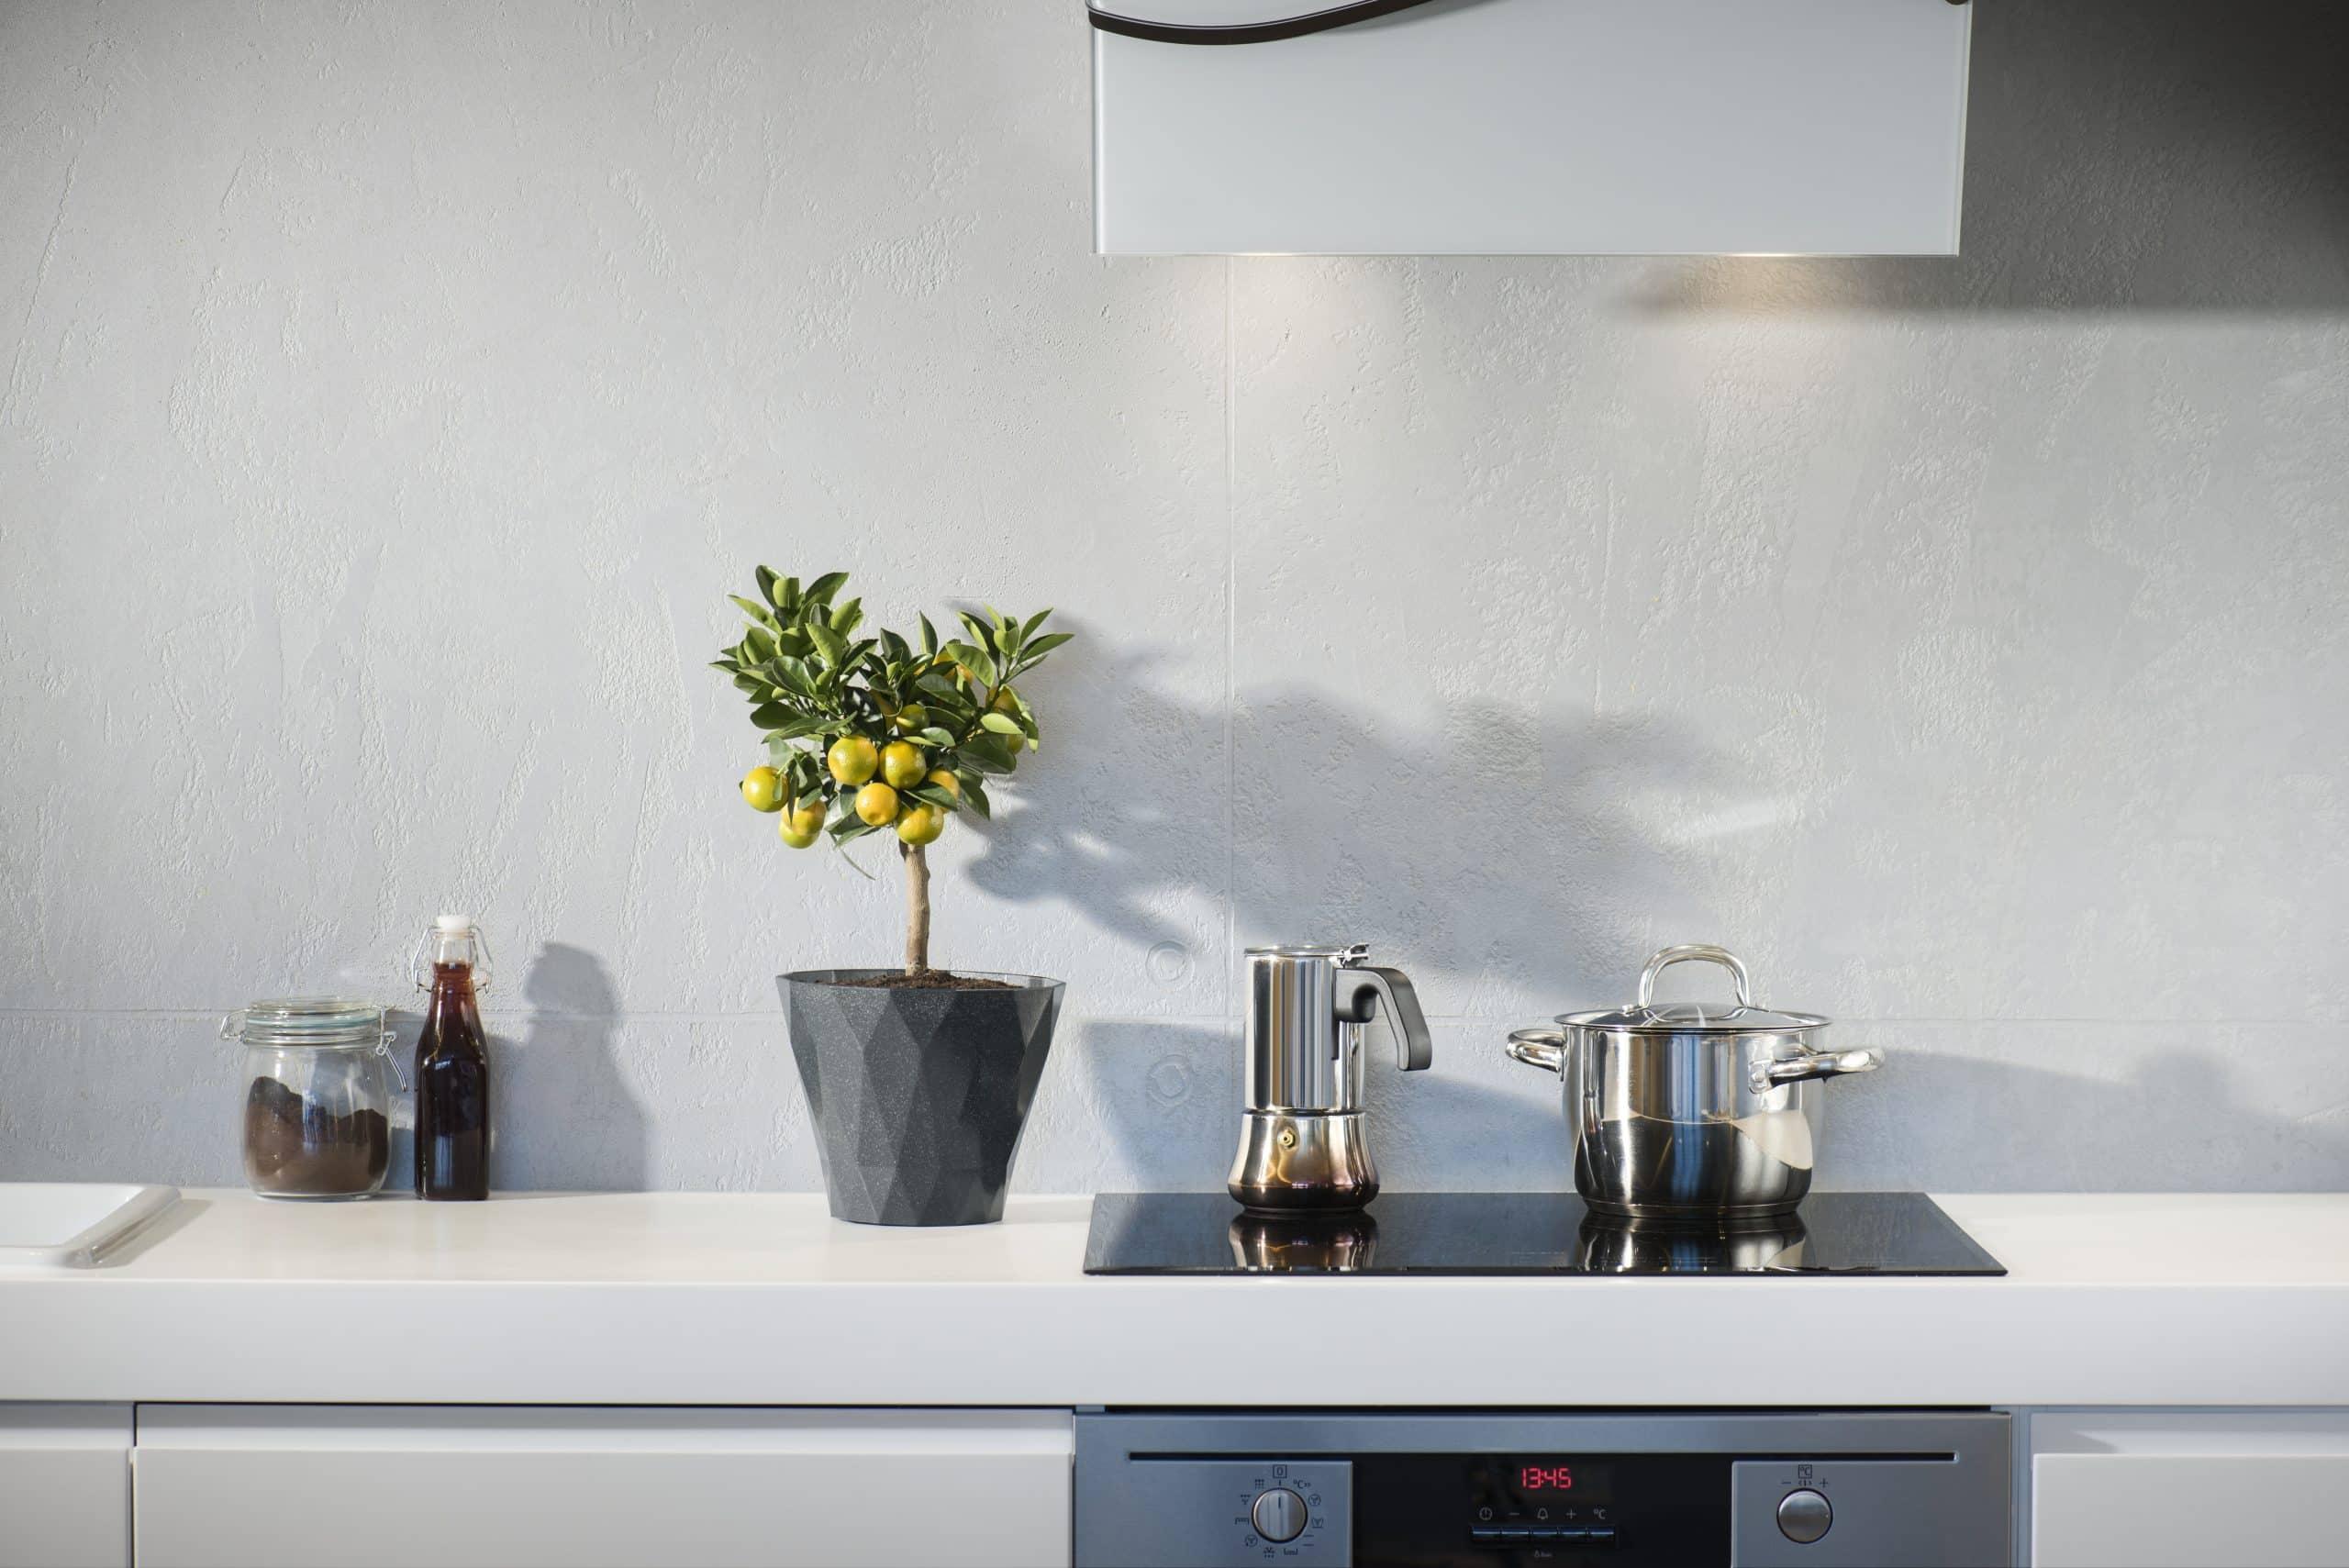 Cuisson Induction Avantages Inconvénients plaques à induction : comment les nettoyer ? - casserolle